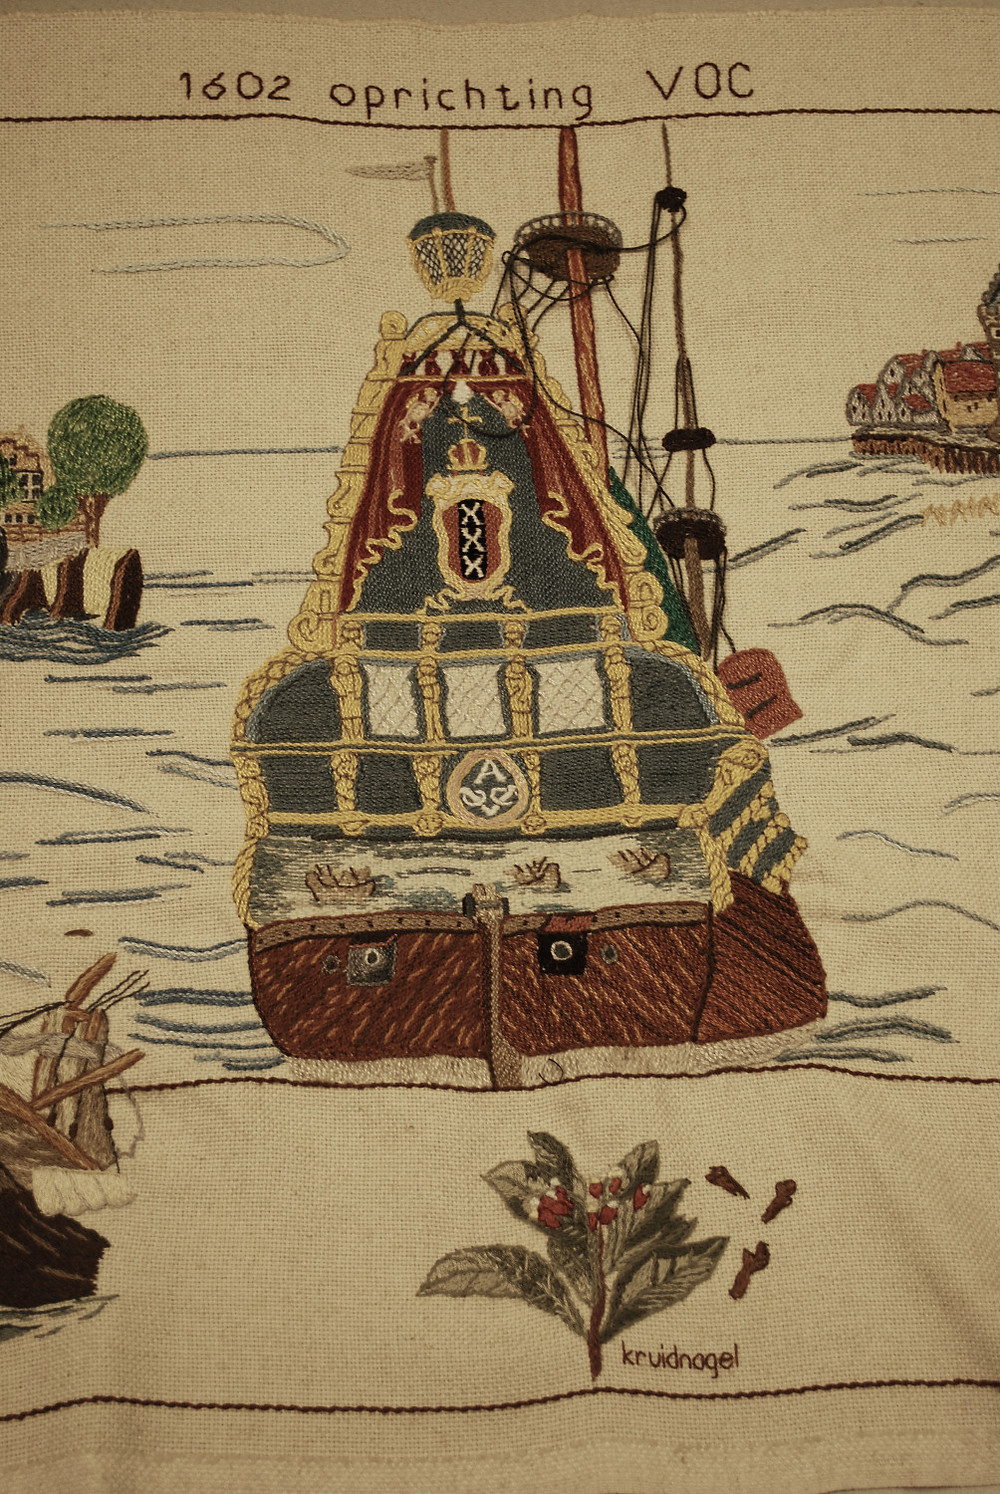 Oprichting van de VOC, 1602